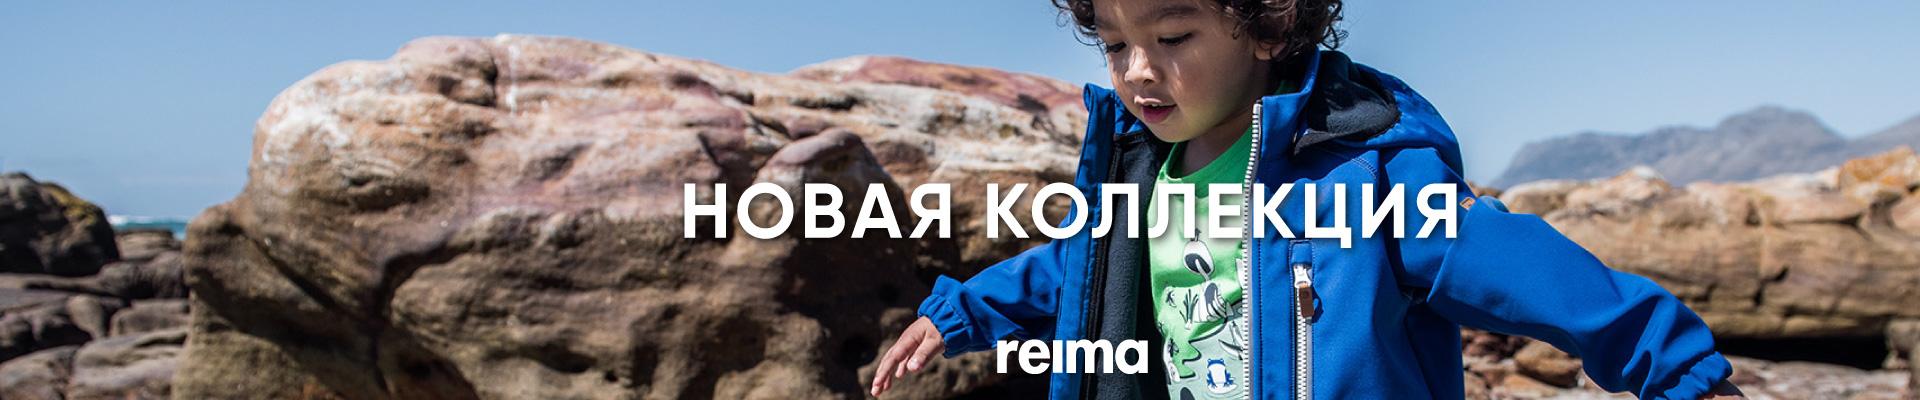 Reima Новая коллекция